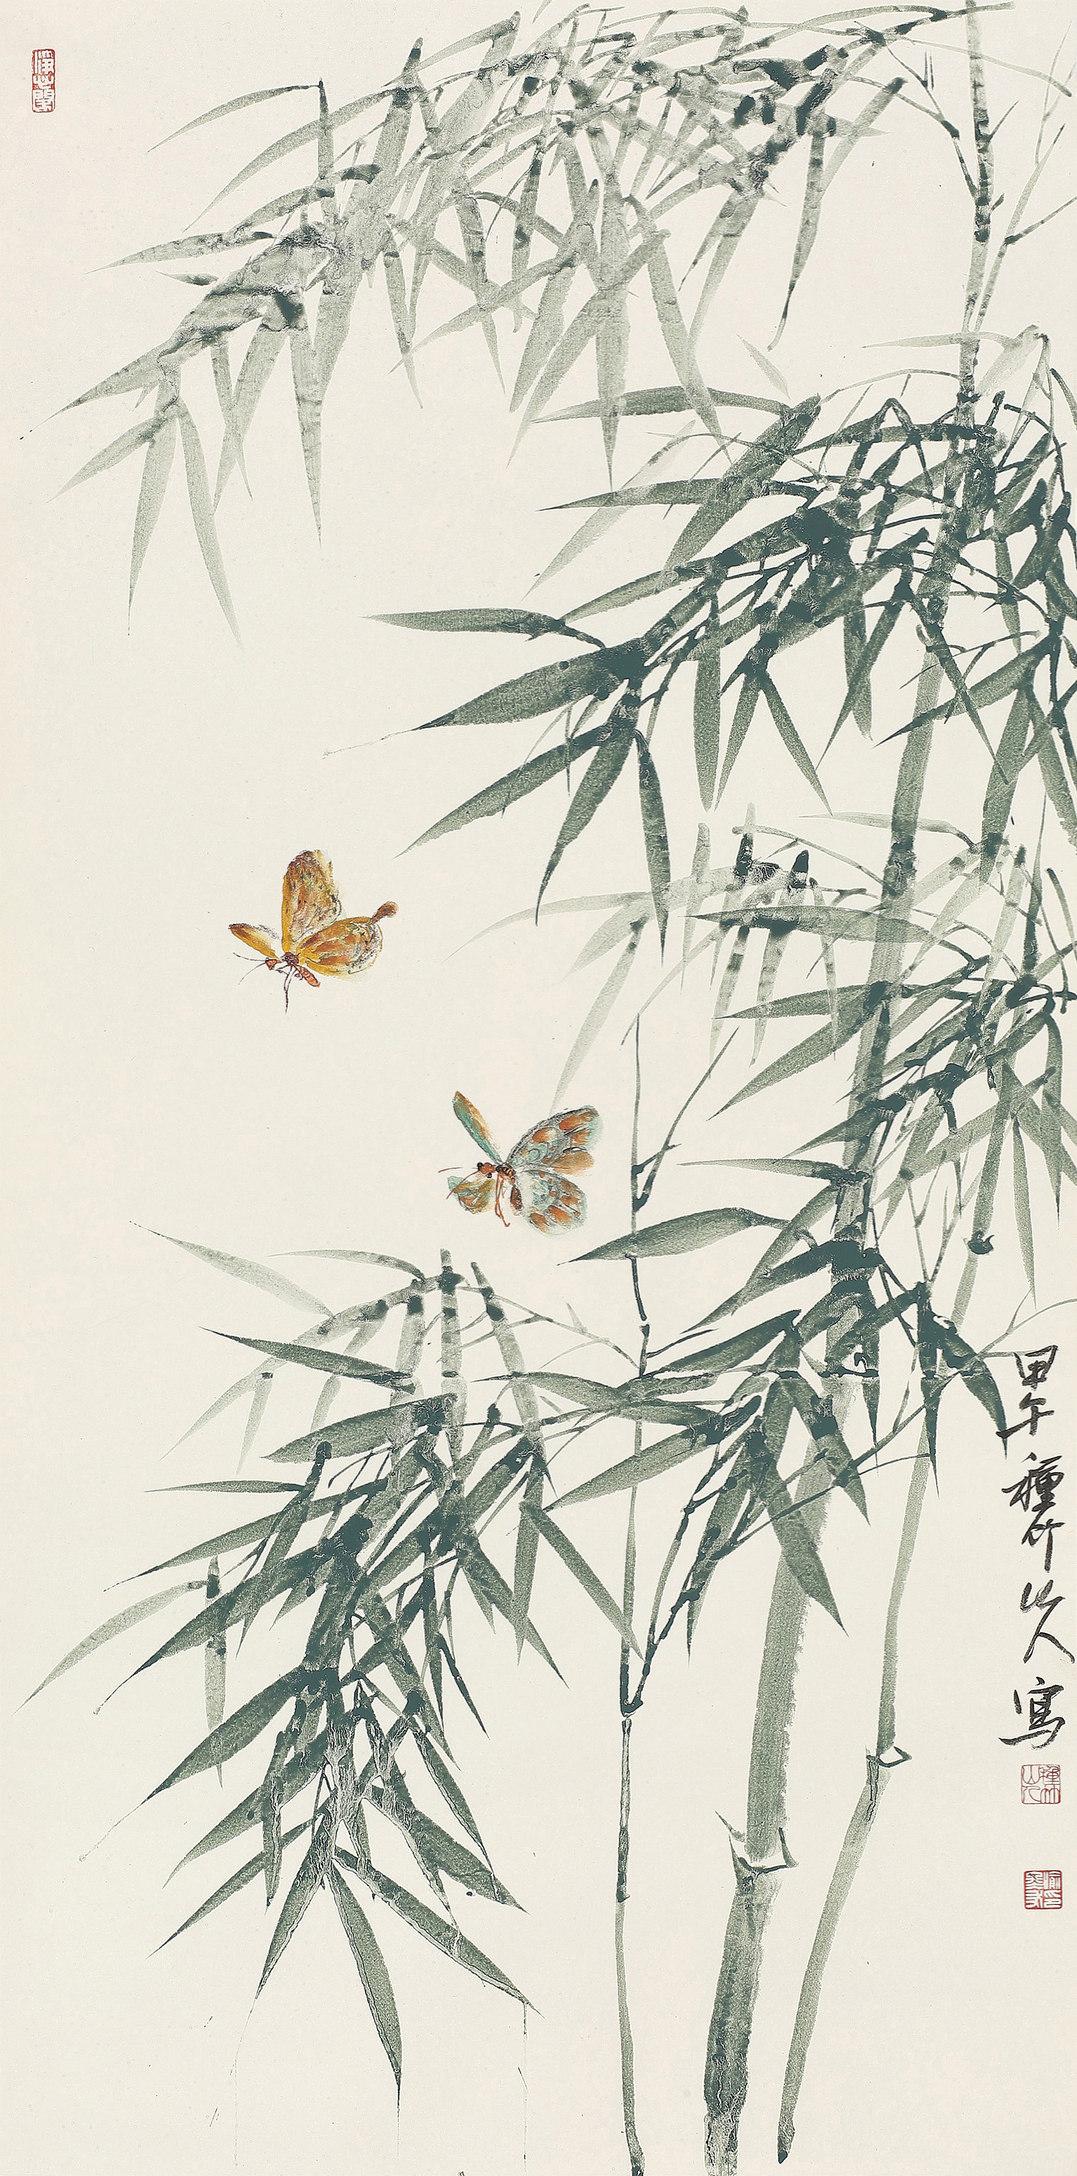 《竹蝶》纸本水墨 2014年